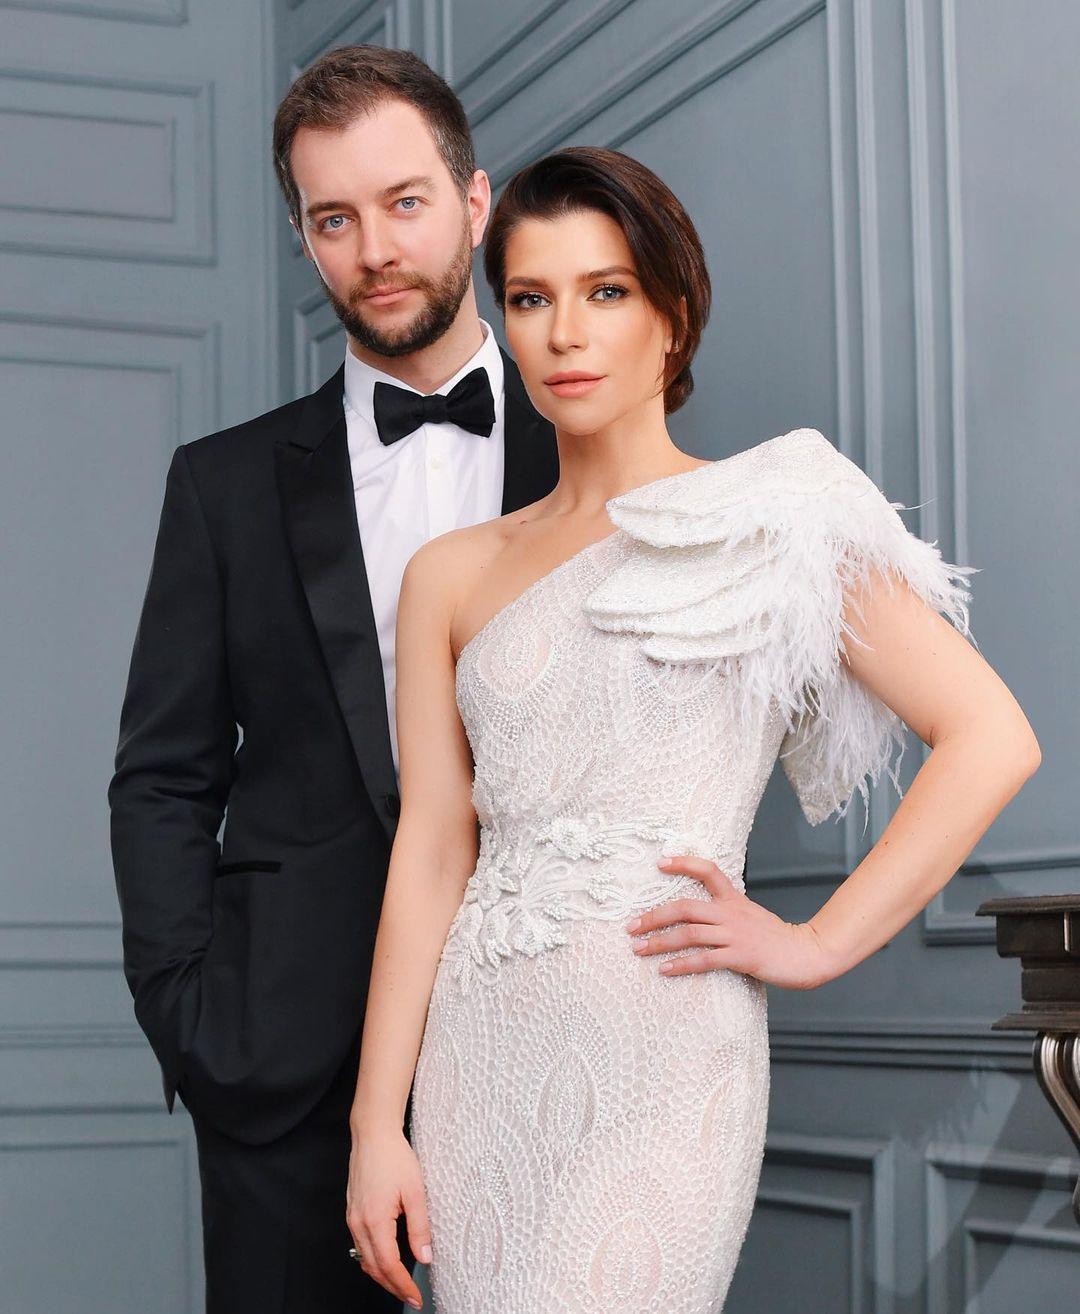 Екатерина Волкова и ее супруг устроили фотосессию в честь годовщины свадьбы